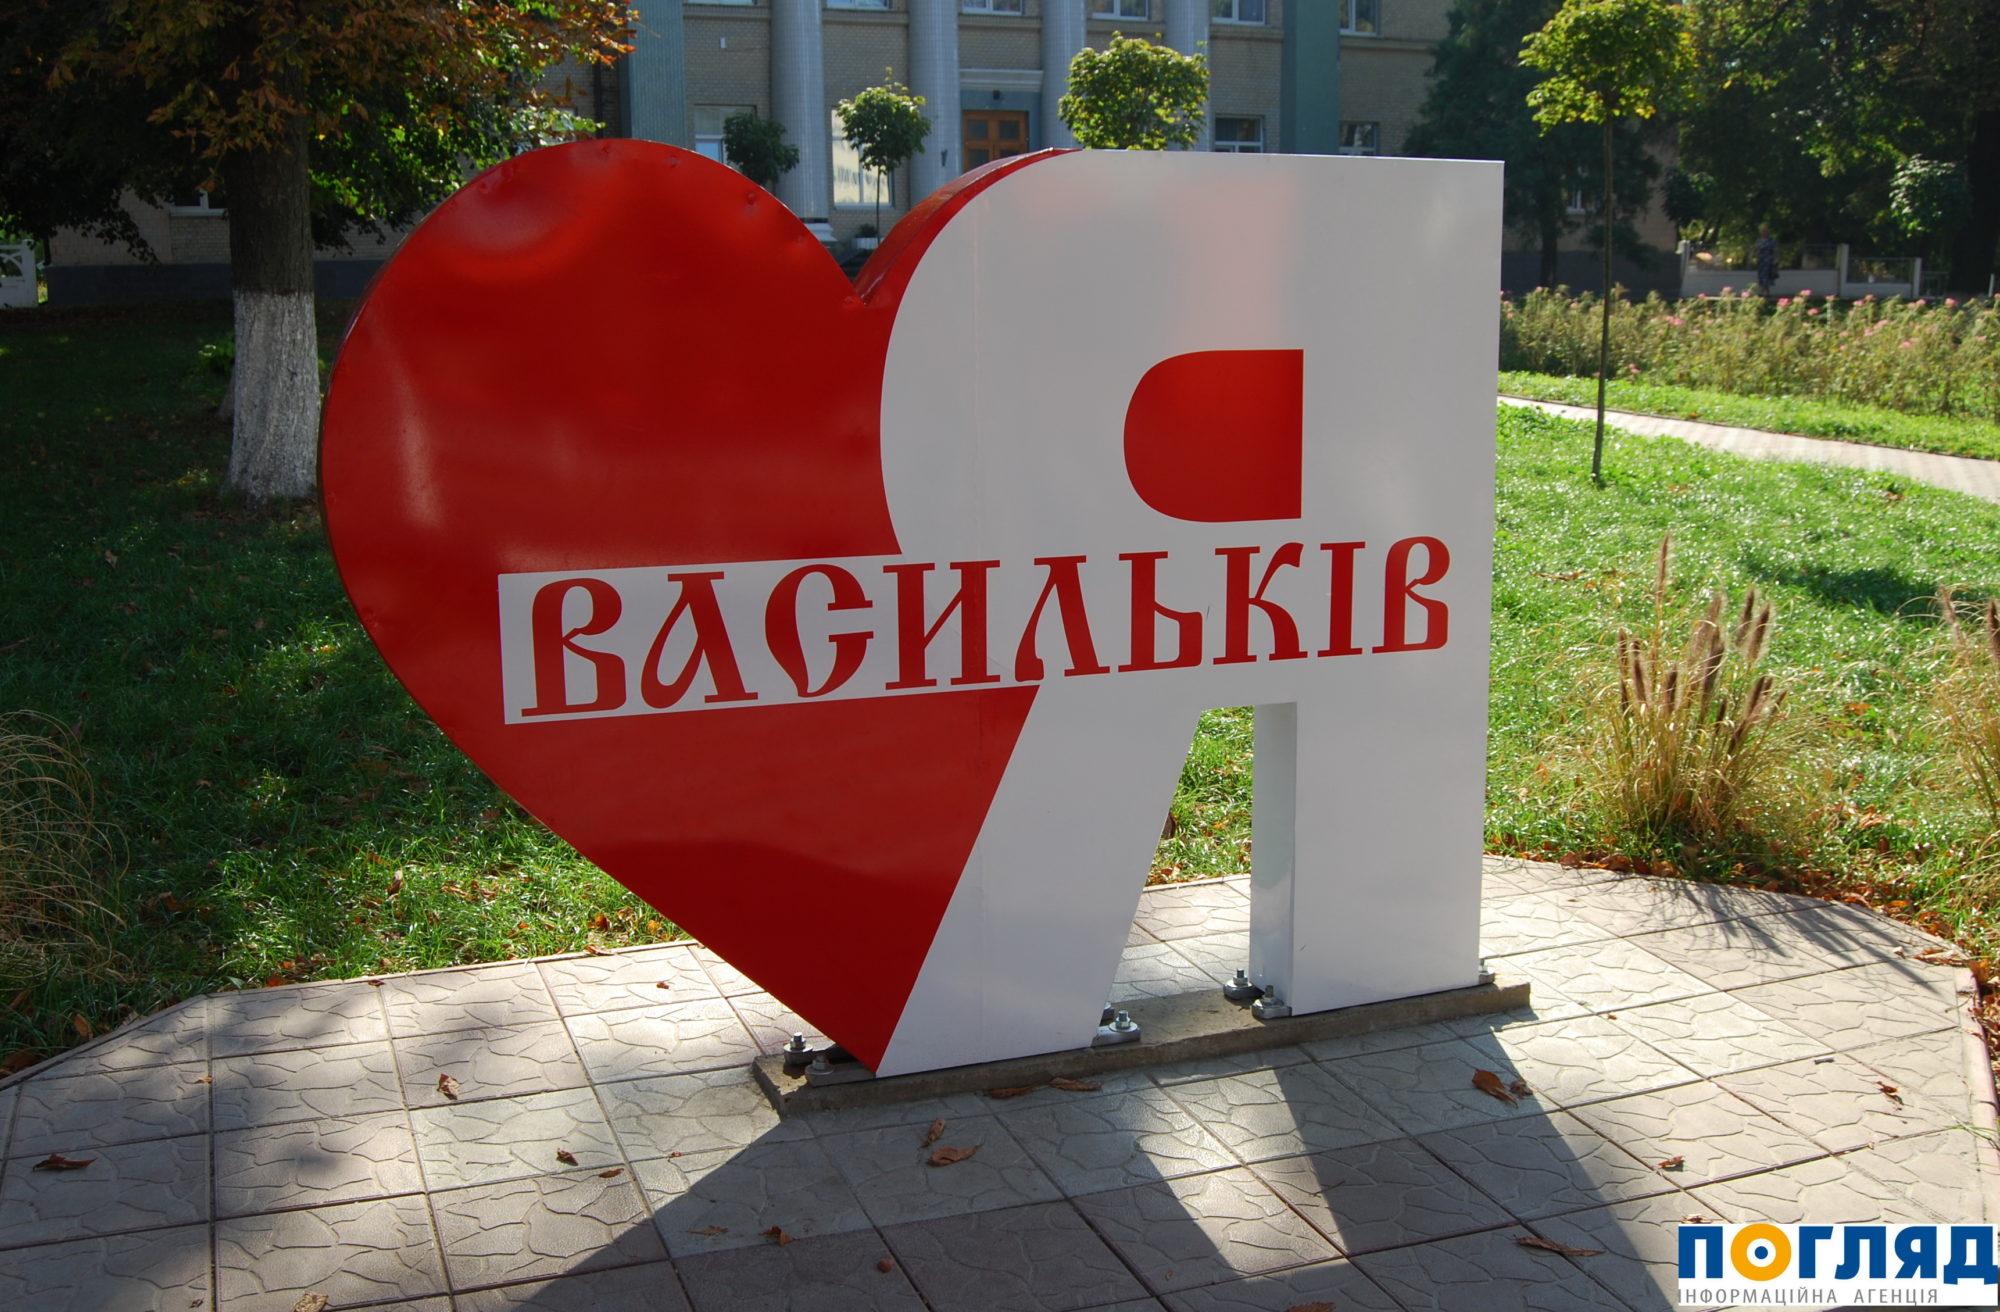 Громадський бюджет Василькова розподілено: визначені кращі проекти